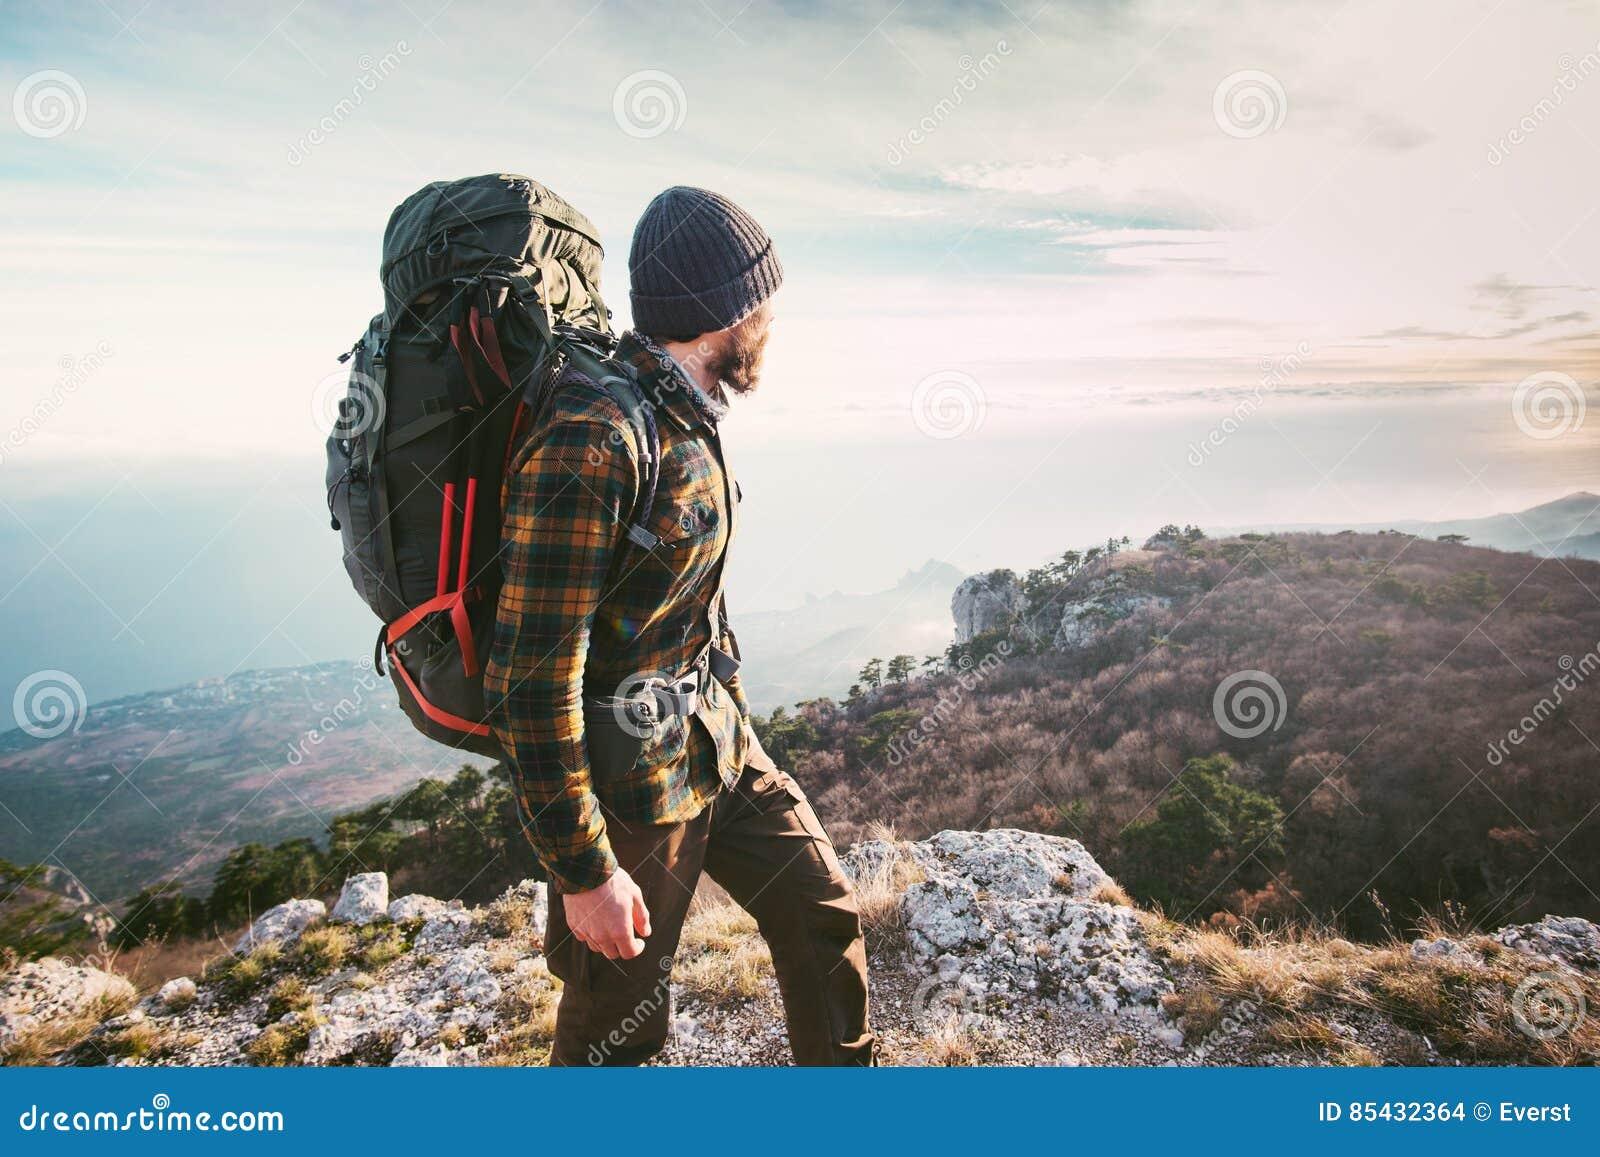 ad8b671cf2 L'uomo che viaggia con lo zaino che fa un'escursione in attivo di avventura  di concetto di successo di stile di vita di viaggio delle montagne  vacations ...